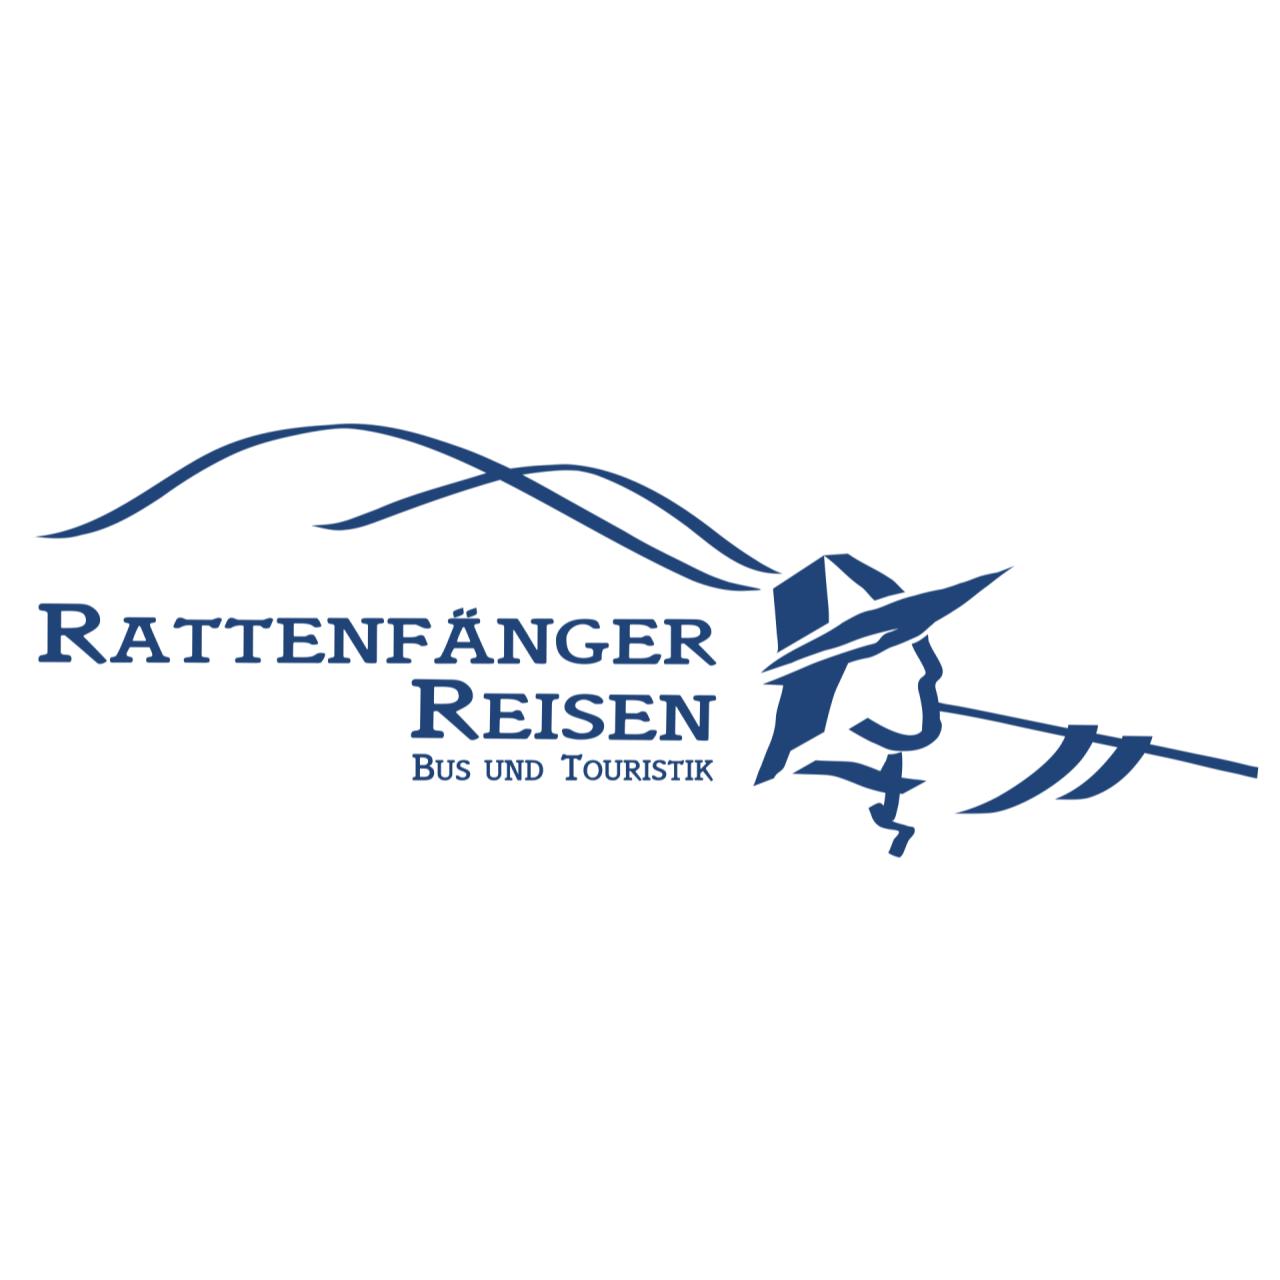 Bild zu Rattenfänger Reisen Bus und Touristik e.K. Inh. Susanne Busse in Hameln